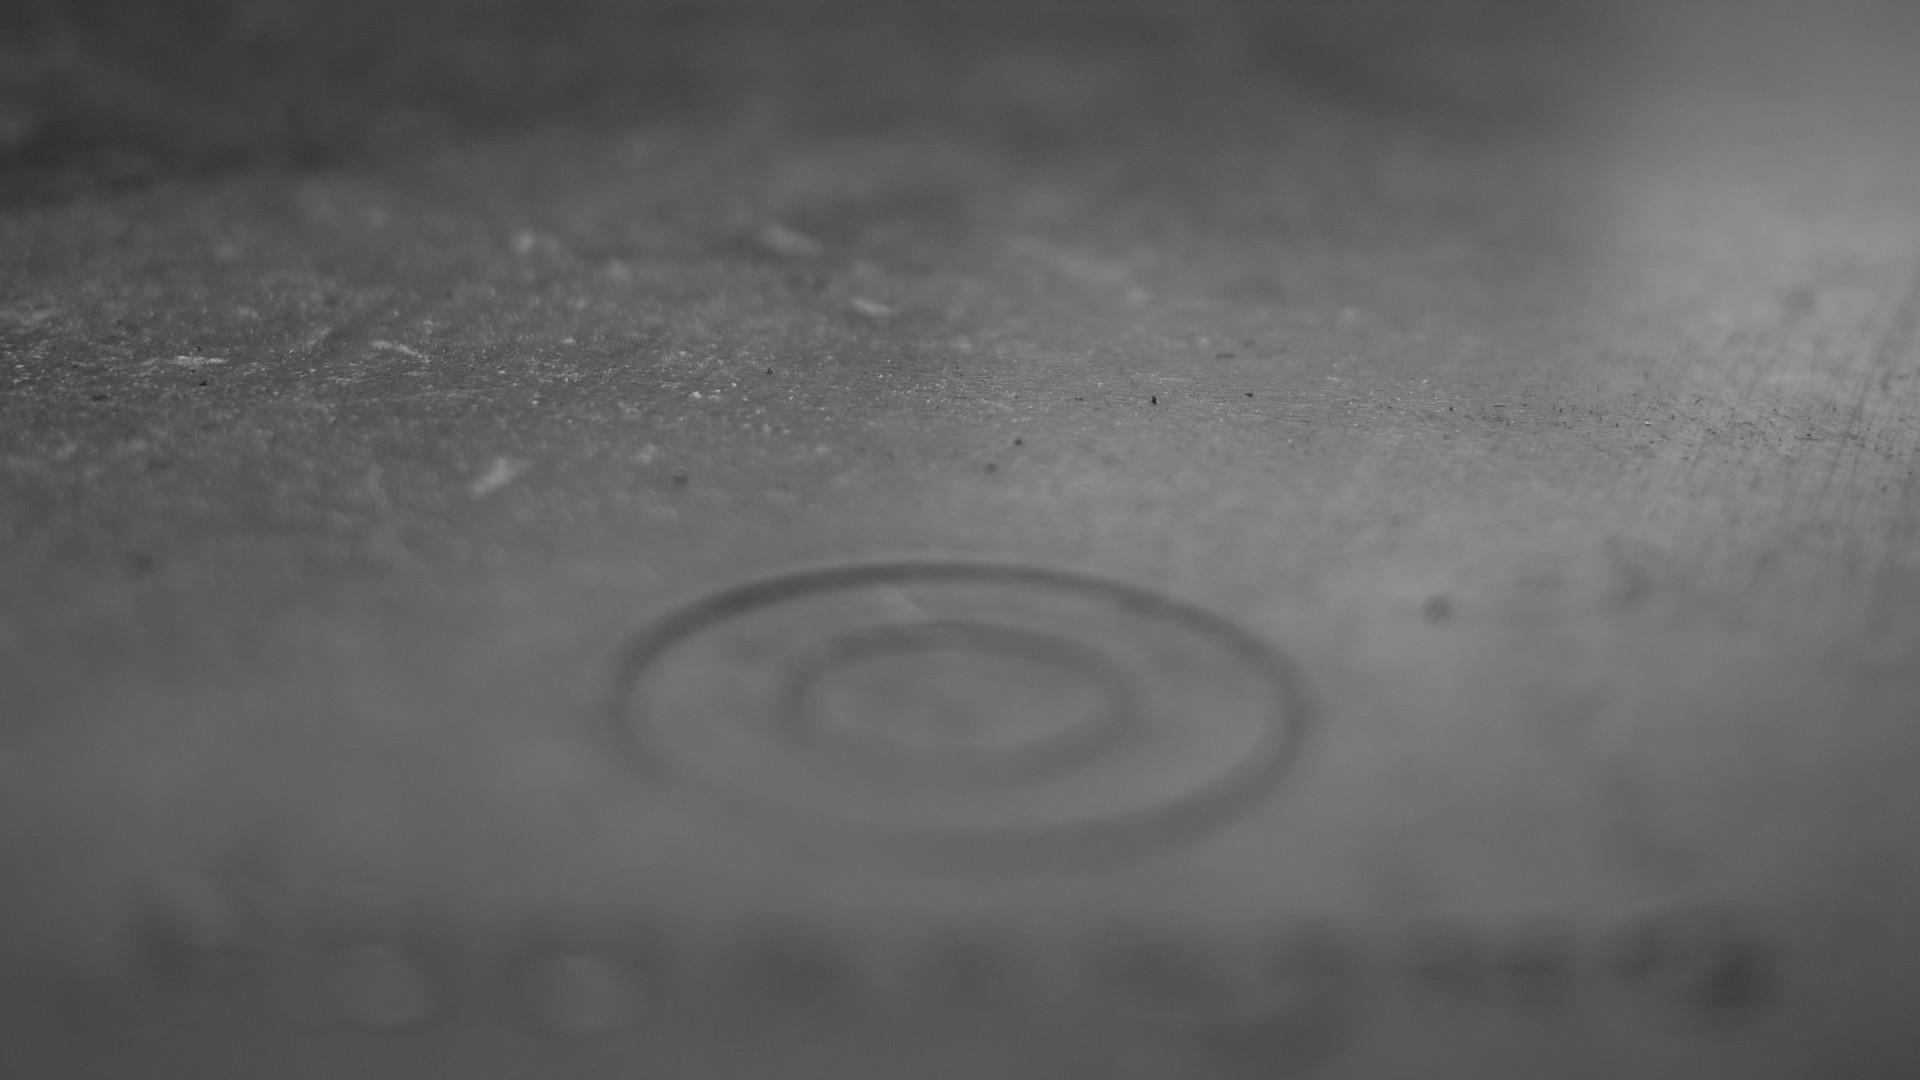 surface métallique grise, floue